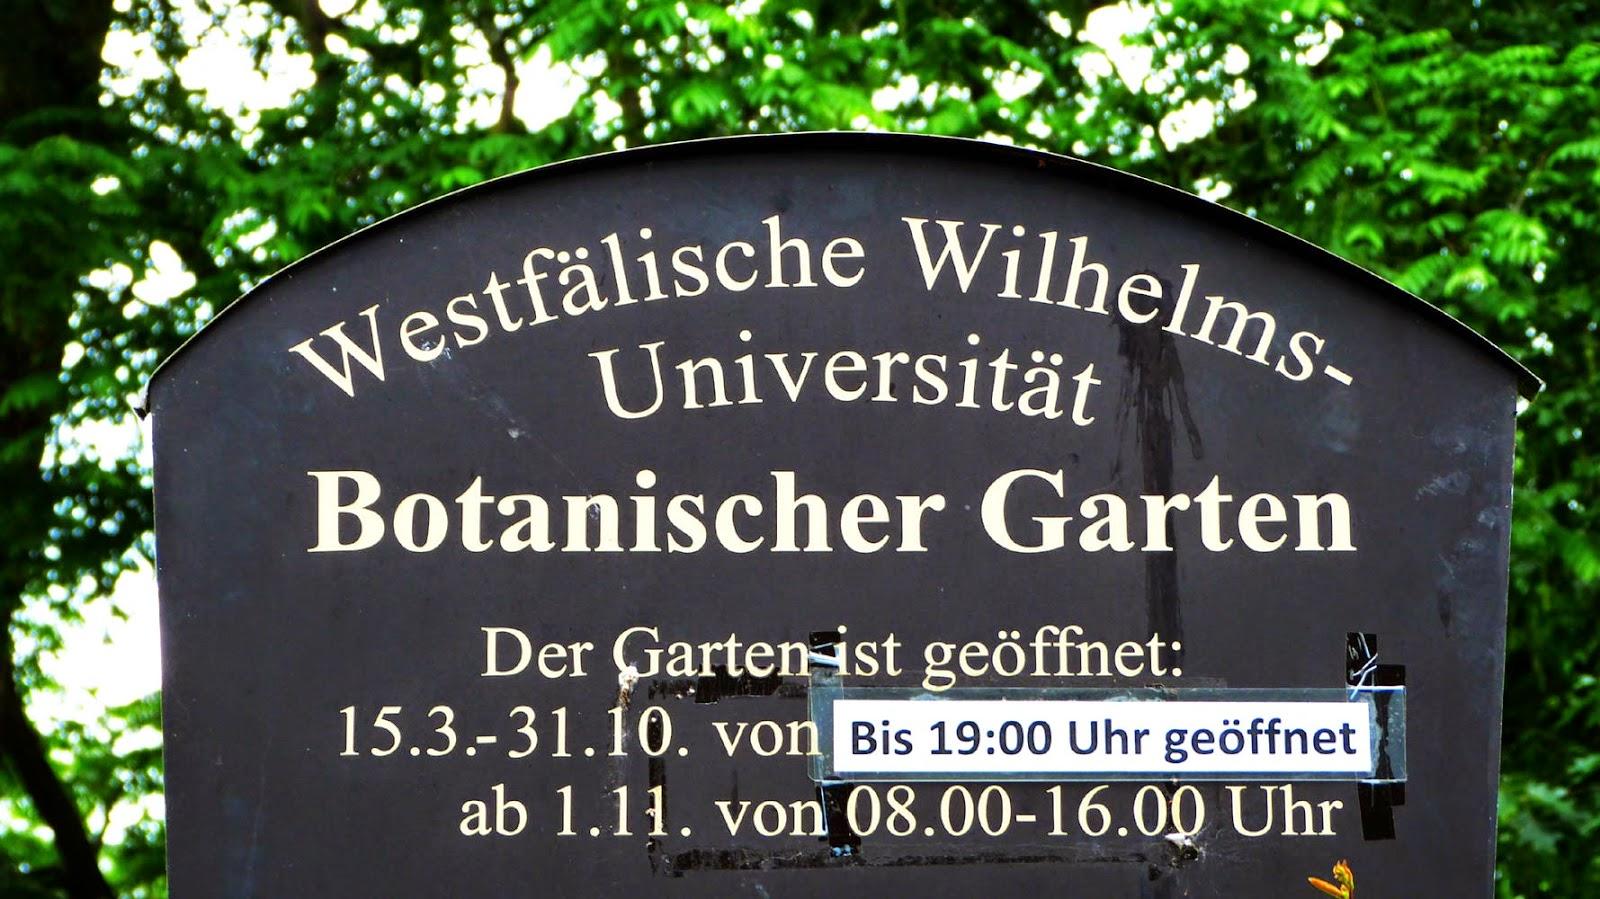 Botanischer Garten in Münster, Öffnungszeiten Botanischer Garten